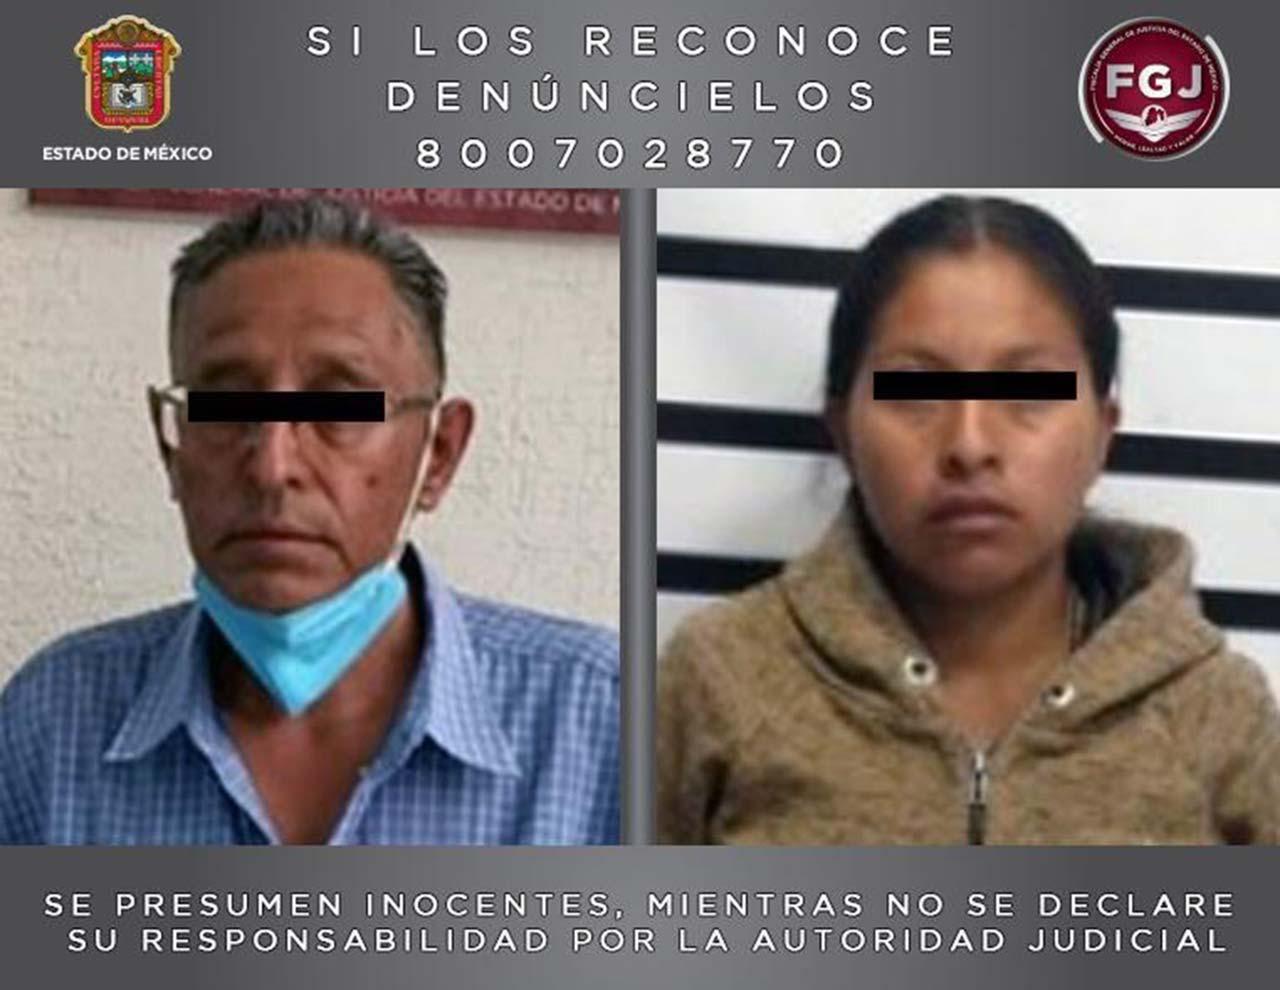 mujer prostituir hija Facebook en Estado de Mexico